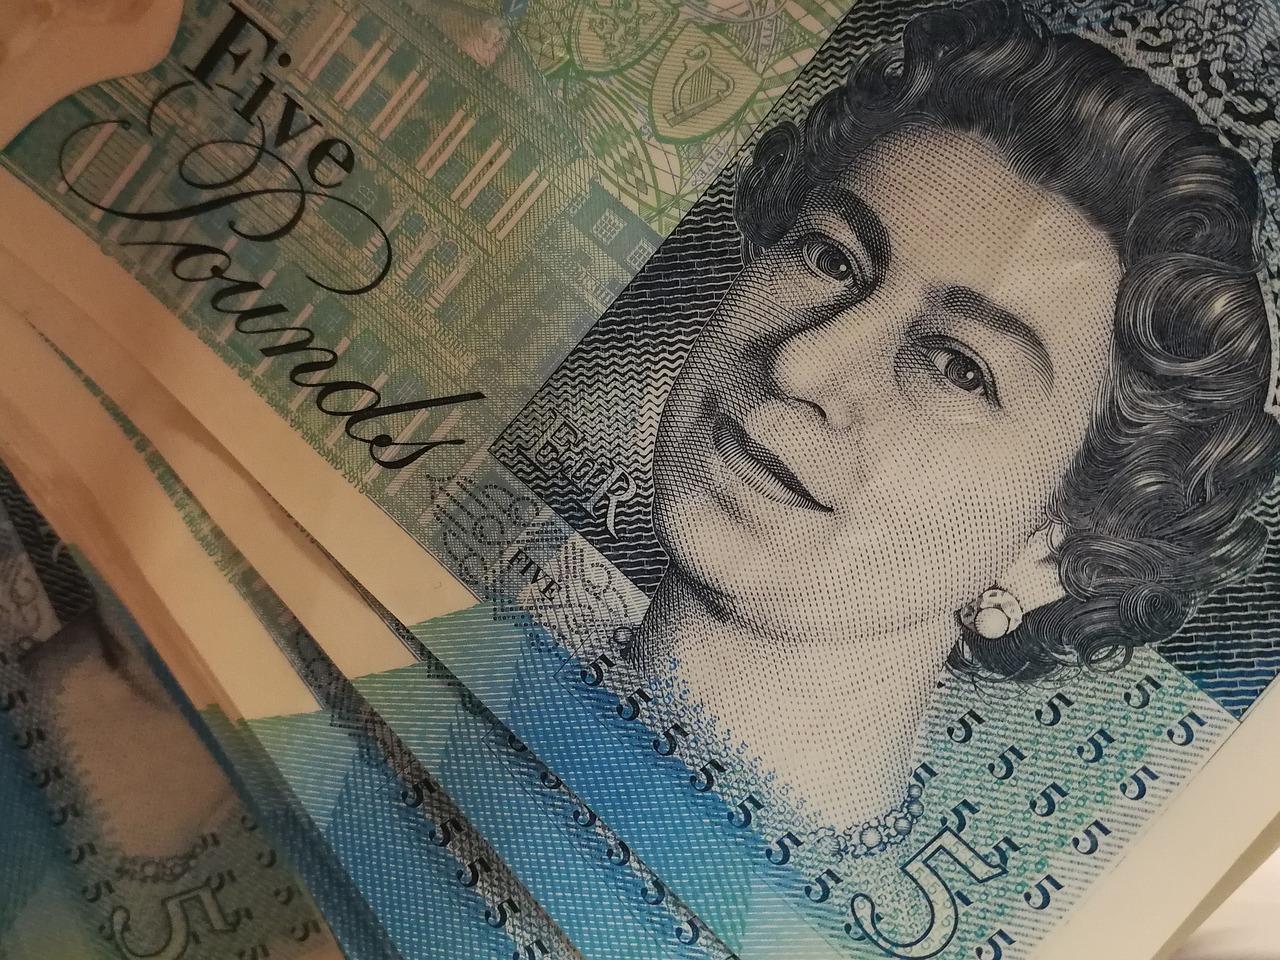 Praca za granicą, gdzie wymienić pieniądze po powrocie?